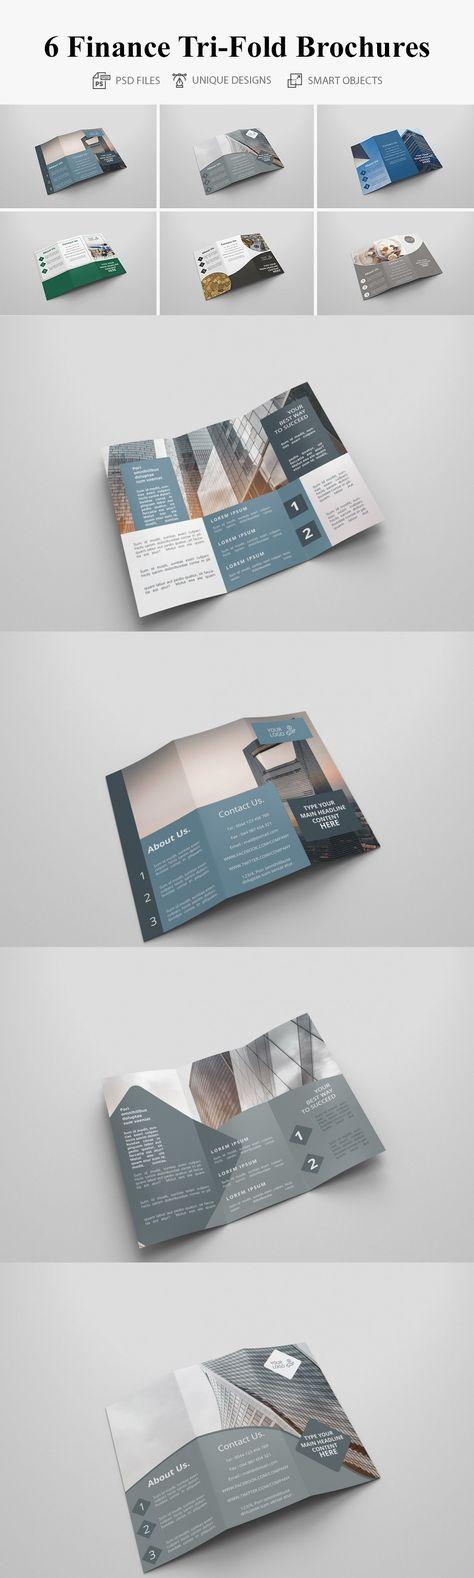 6 Finance Tri Fold Bochures